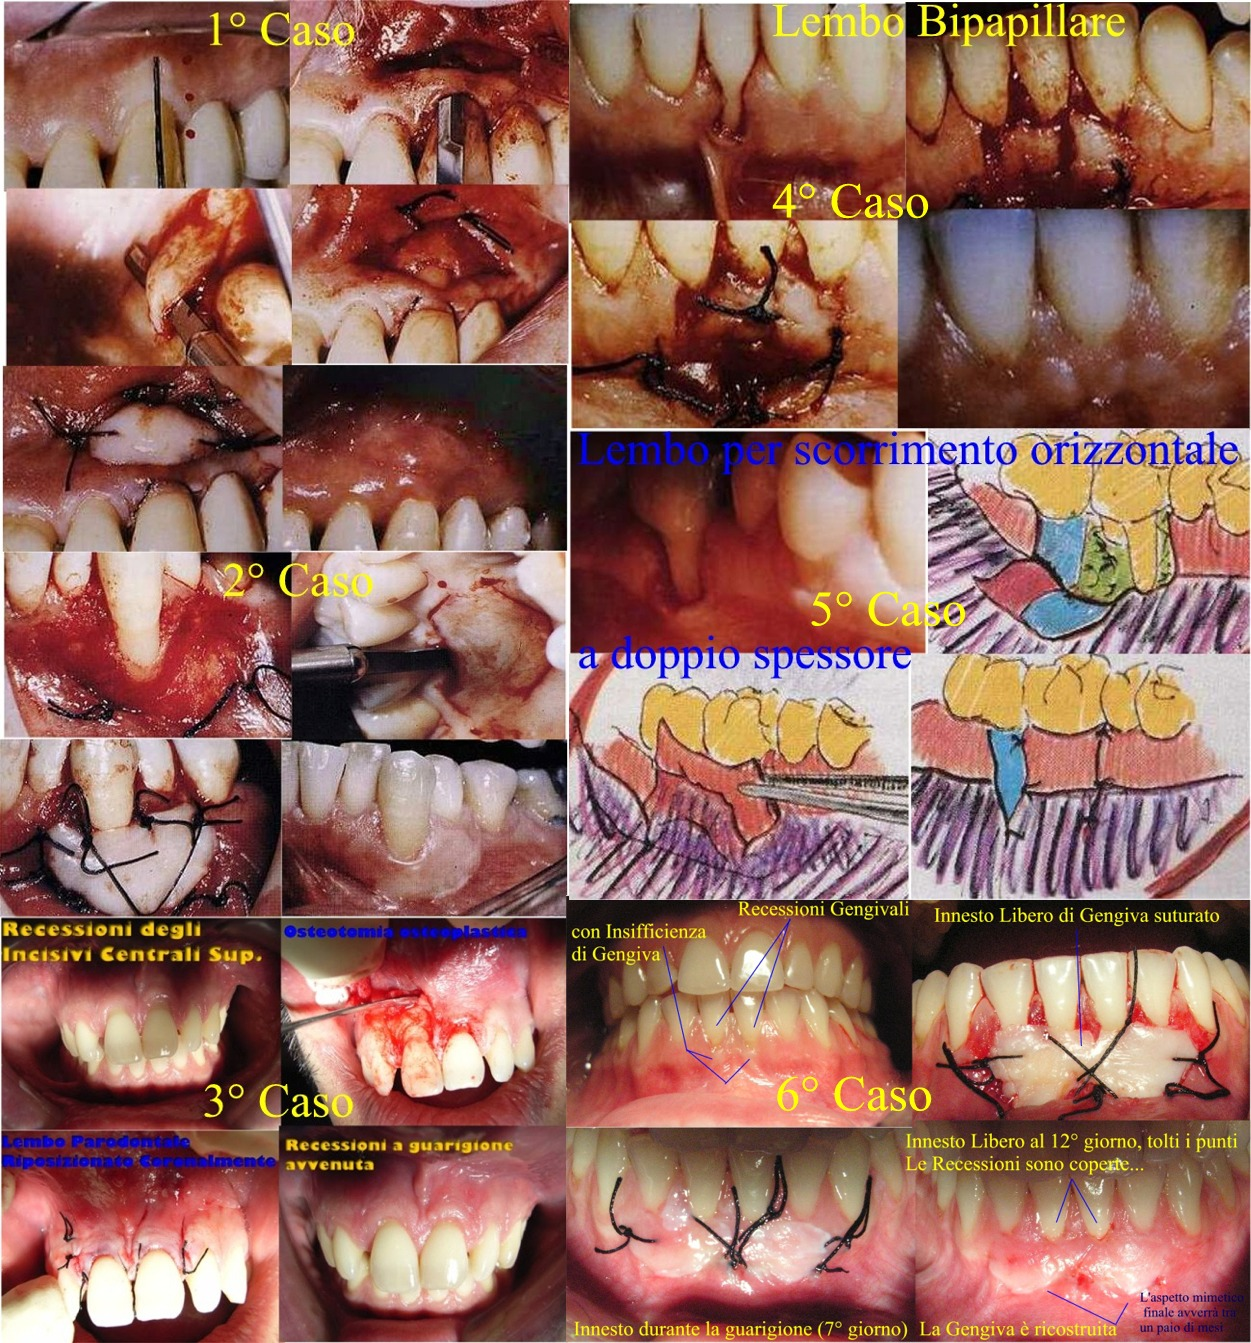 Recessioni Gengivali e varie terapie di Chirurgia Parodontale Muco Gengivale. Da casistica del Dr. Gustavo Petti Parodontologo di Cagliari